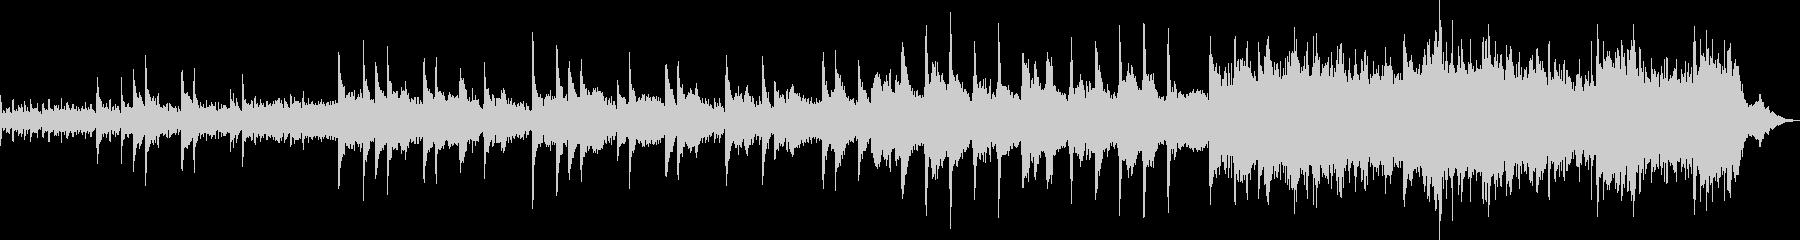 現代的 交響曲 クラシック ほのぼ...の未再生の波形